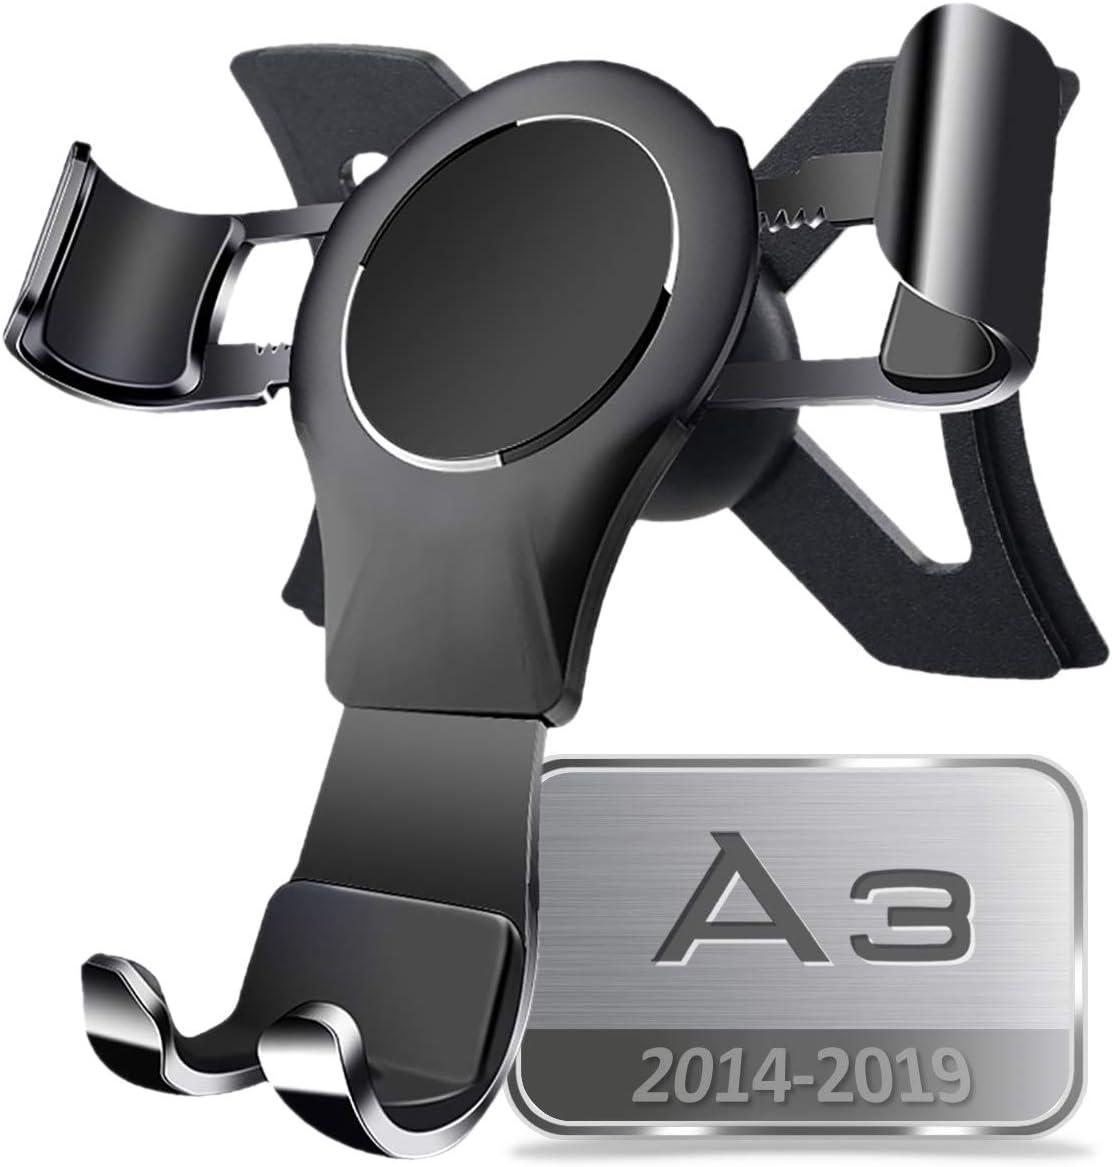 Magnet Schwarz A3 Handyhalterung S3 Handyhalterung Starker Magnet Stabil 360/° Drehung H/ände Frei Einfache Montage A3 Zubeh/ör A3 8V Zubeh/ör 2016 2017 AYADA Handyhalterung f/ür Audi A3 8V S3 RS3 8V